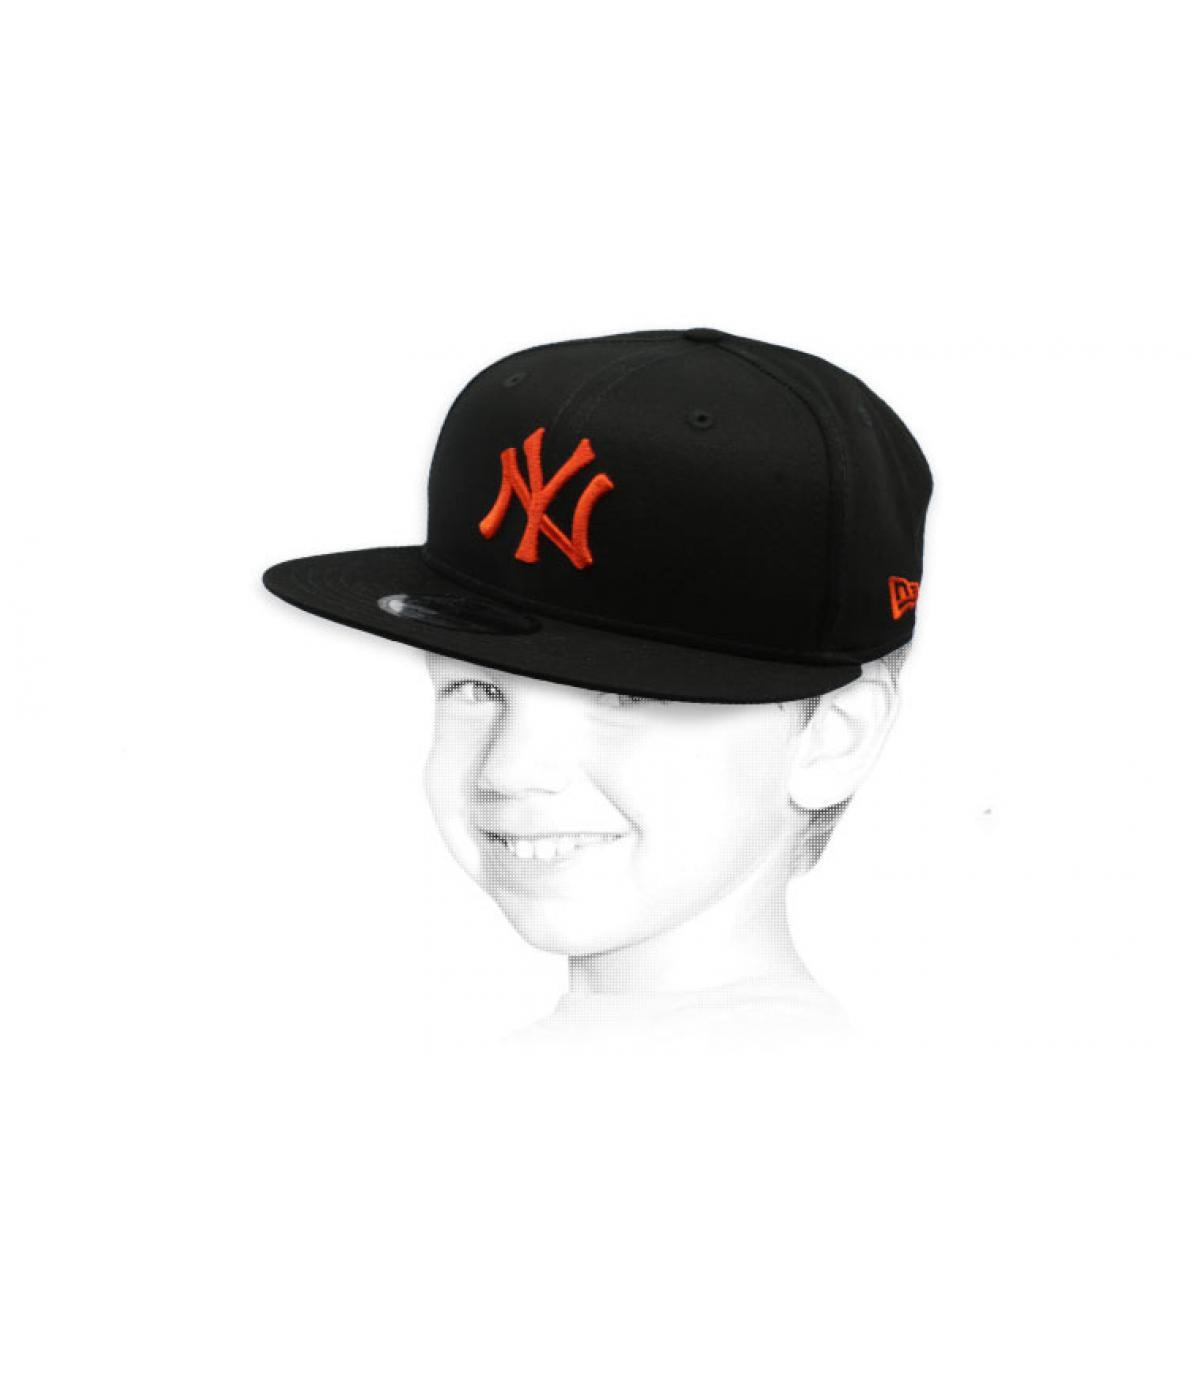 snapback enfant NY noir orange